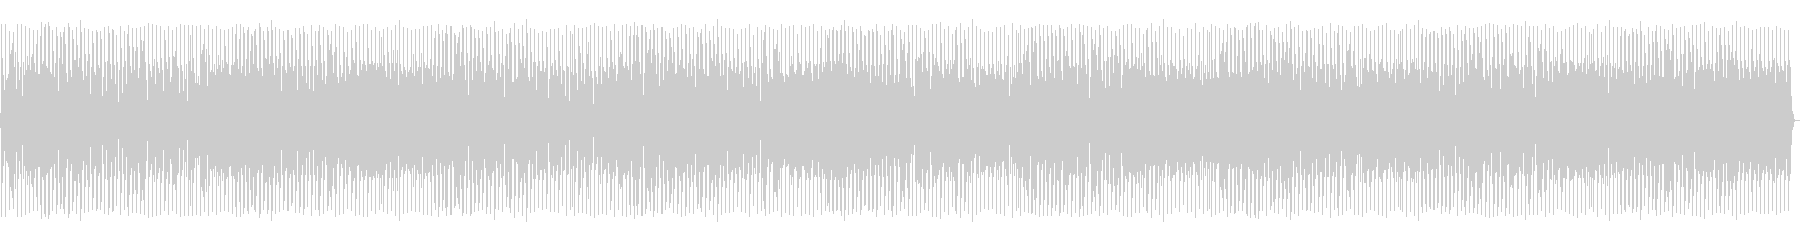 アコーディオン、ハンドクラップ、フ...の未再生の波形